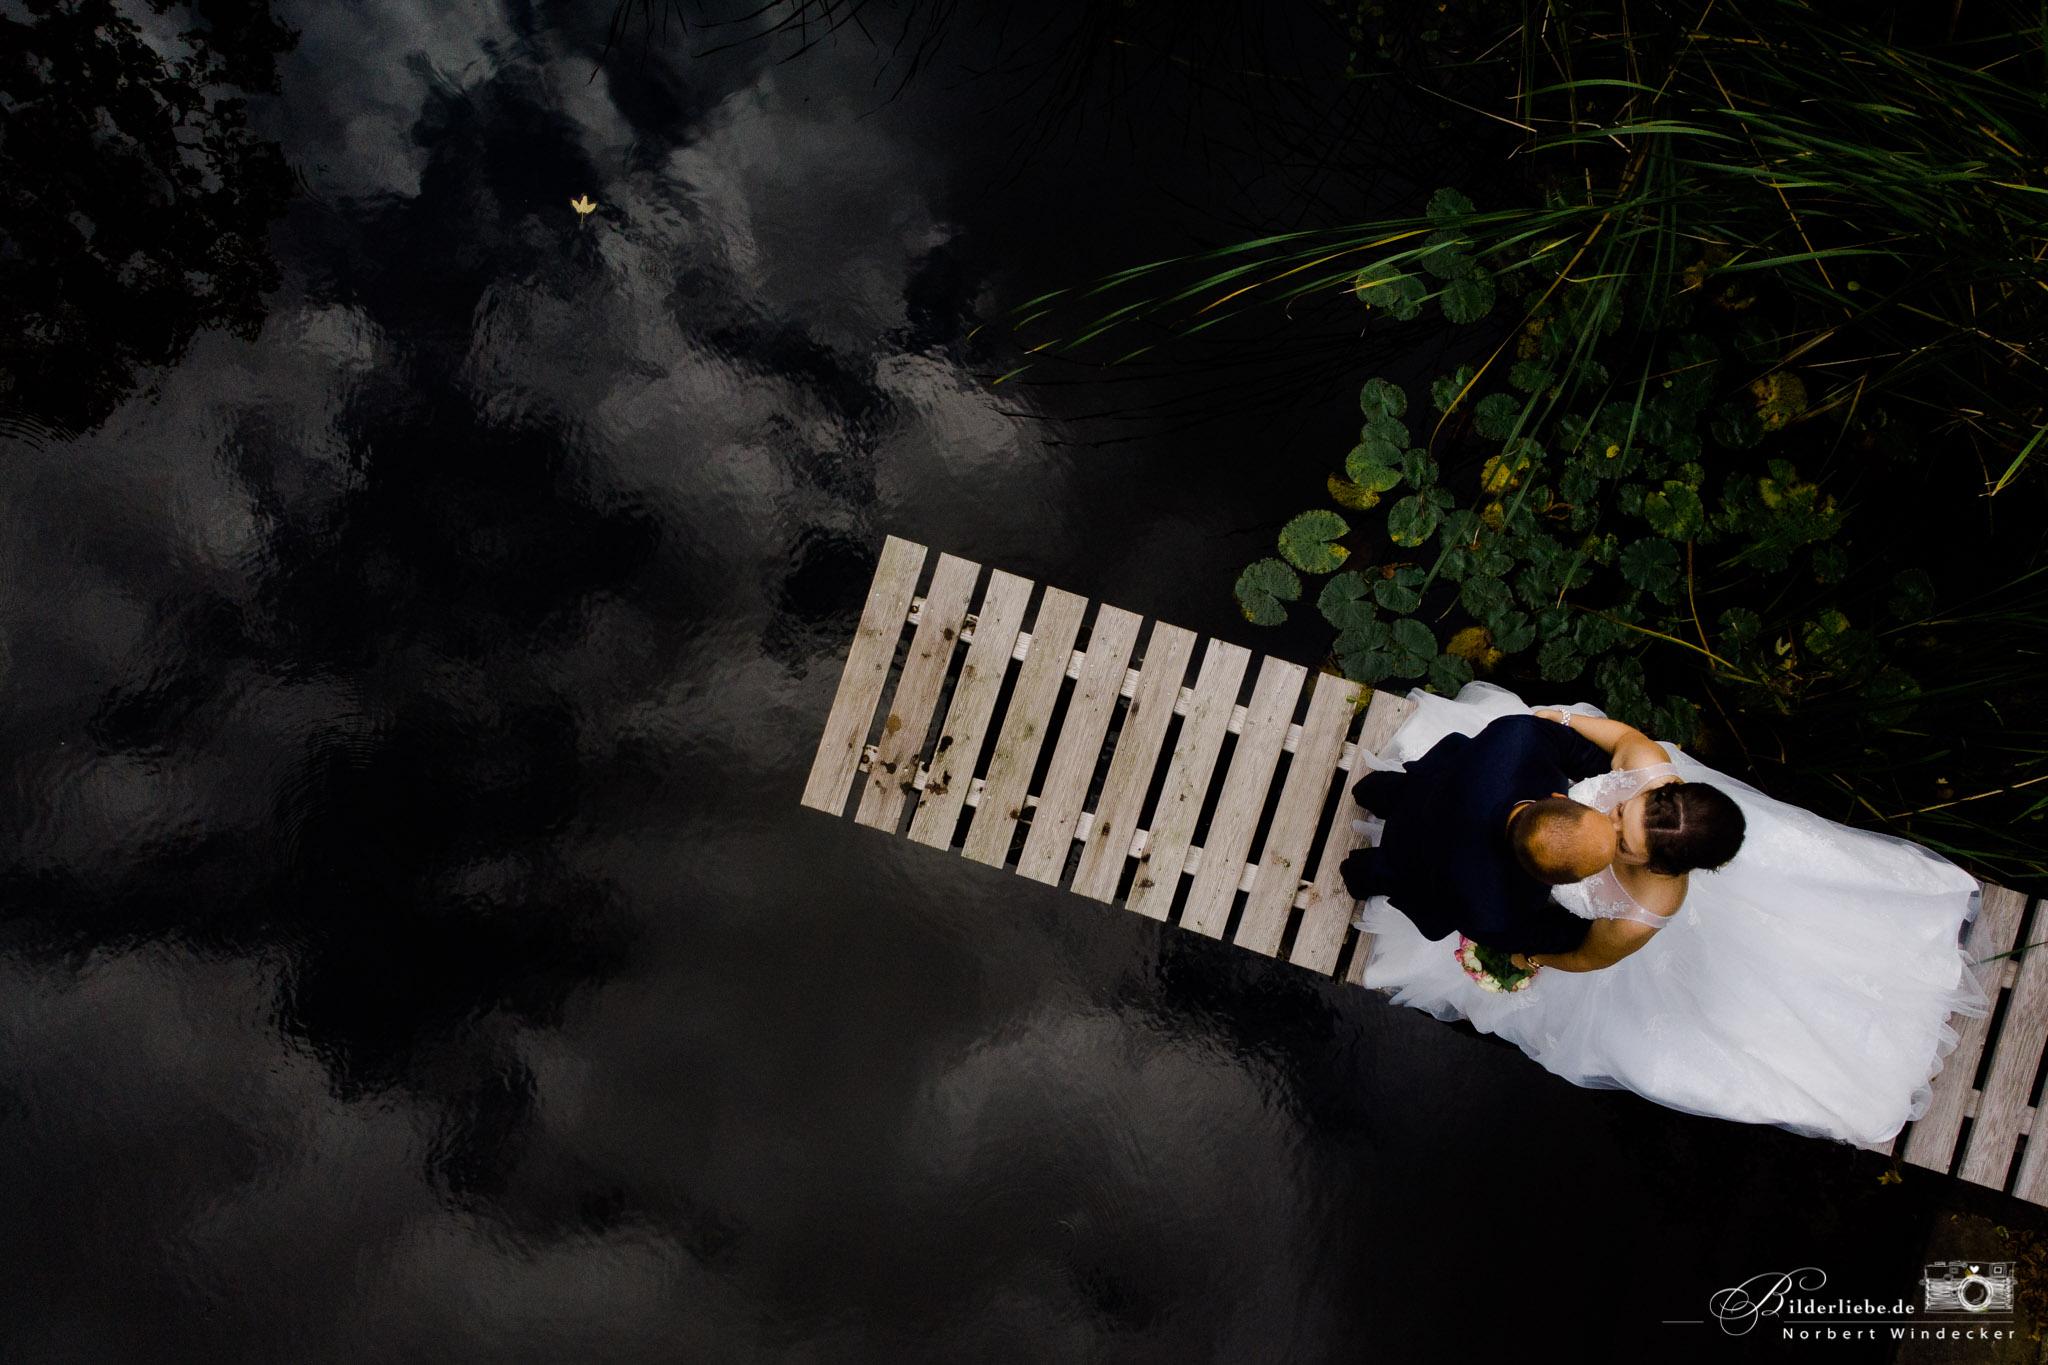 Hochzeitsfotografie - Hochzeitsfotos von Norbert Windecker